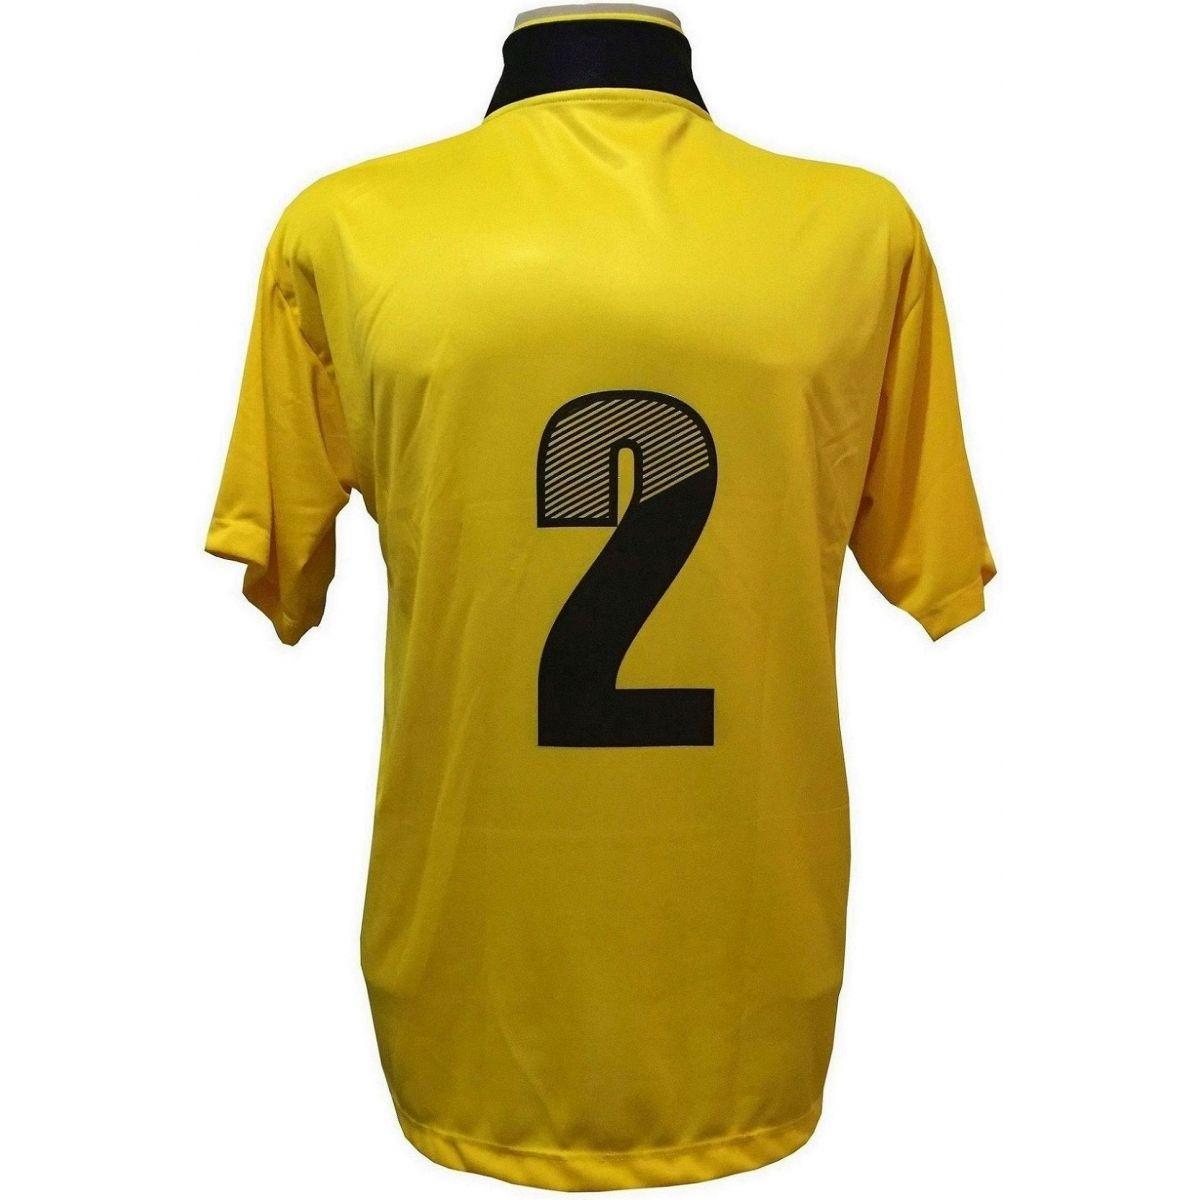 Uniforme Esportivo Completo Modelo Suécia 14+1 (14 Camisas Amarelo/Preto + 14 Calções Modelo Copa Preto/Amarelo + 14 Pares de Meiões Pretos + 1 Conjunto de Goleiro) + Brindes